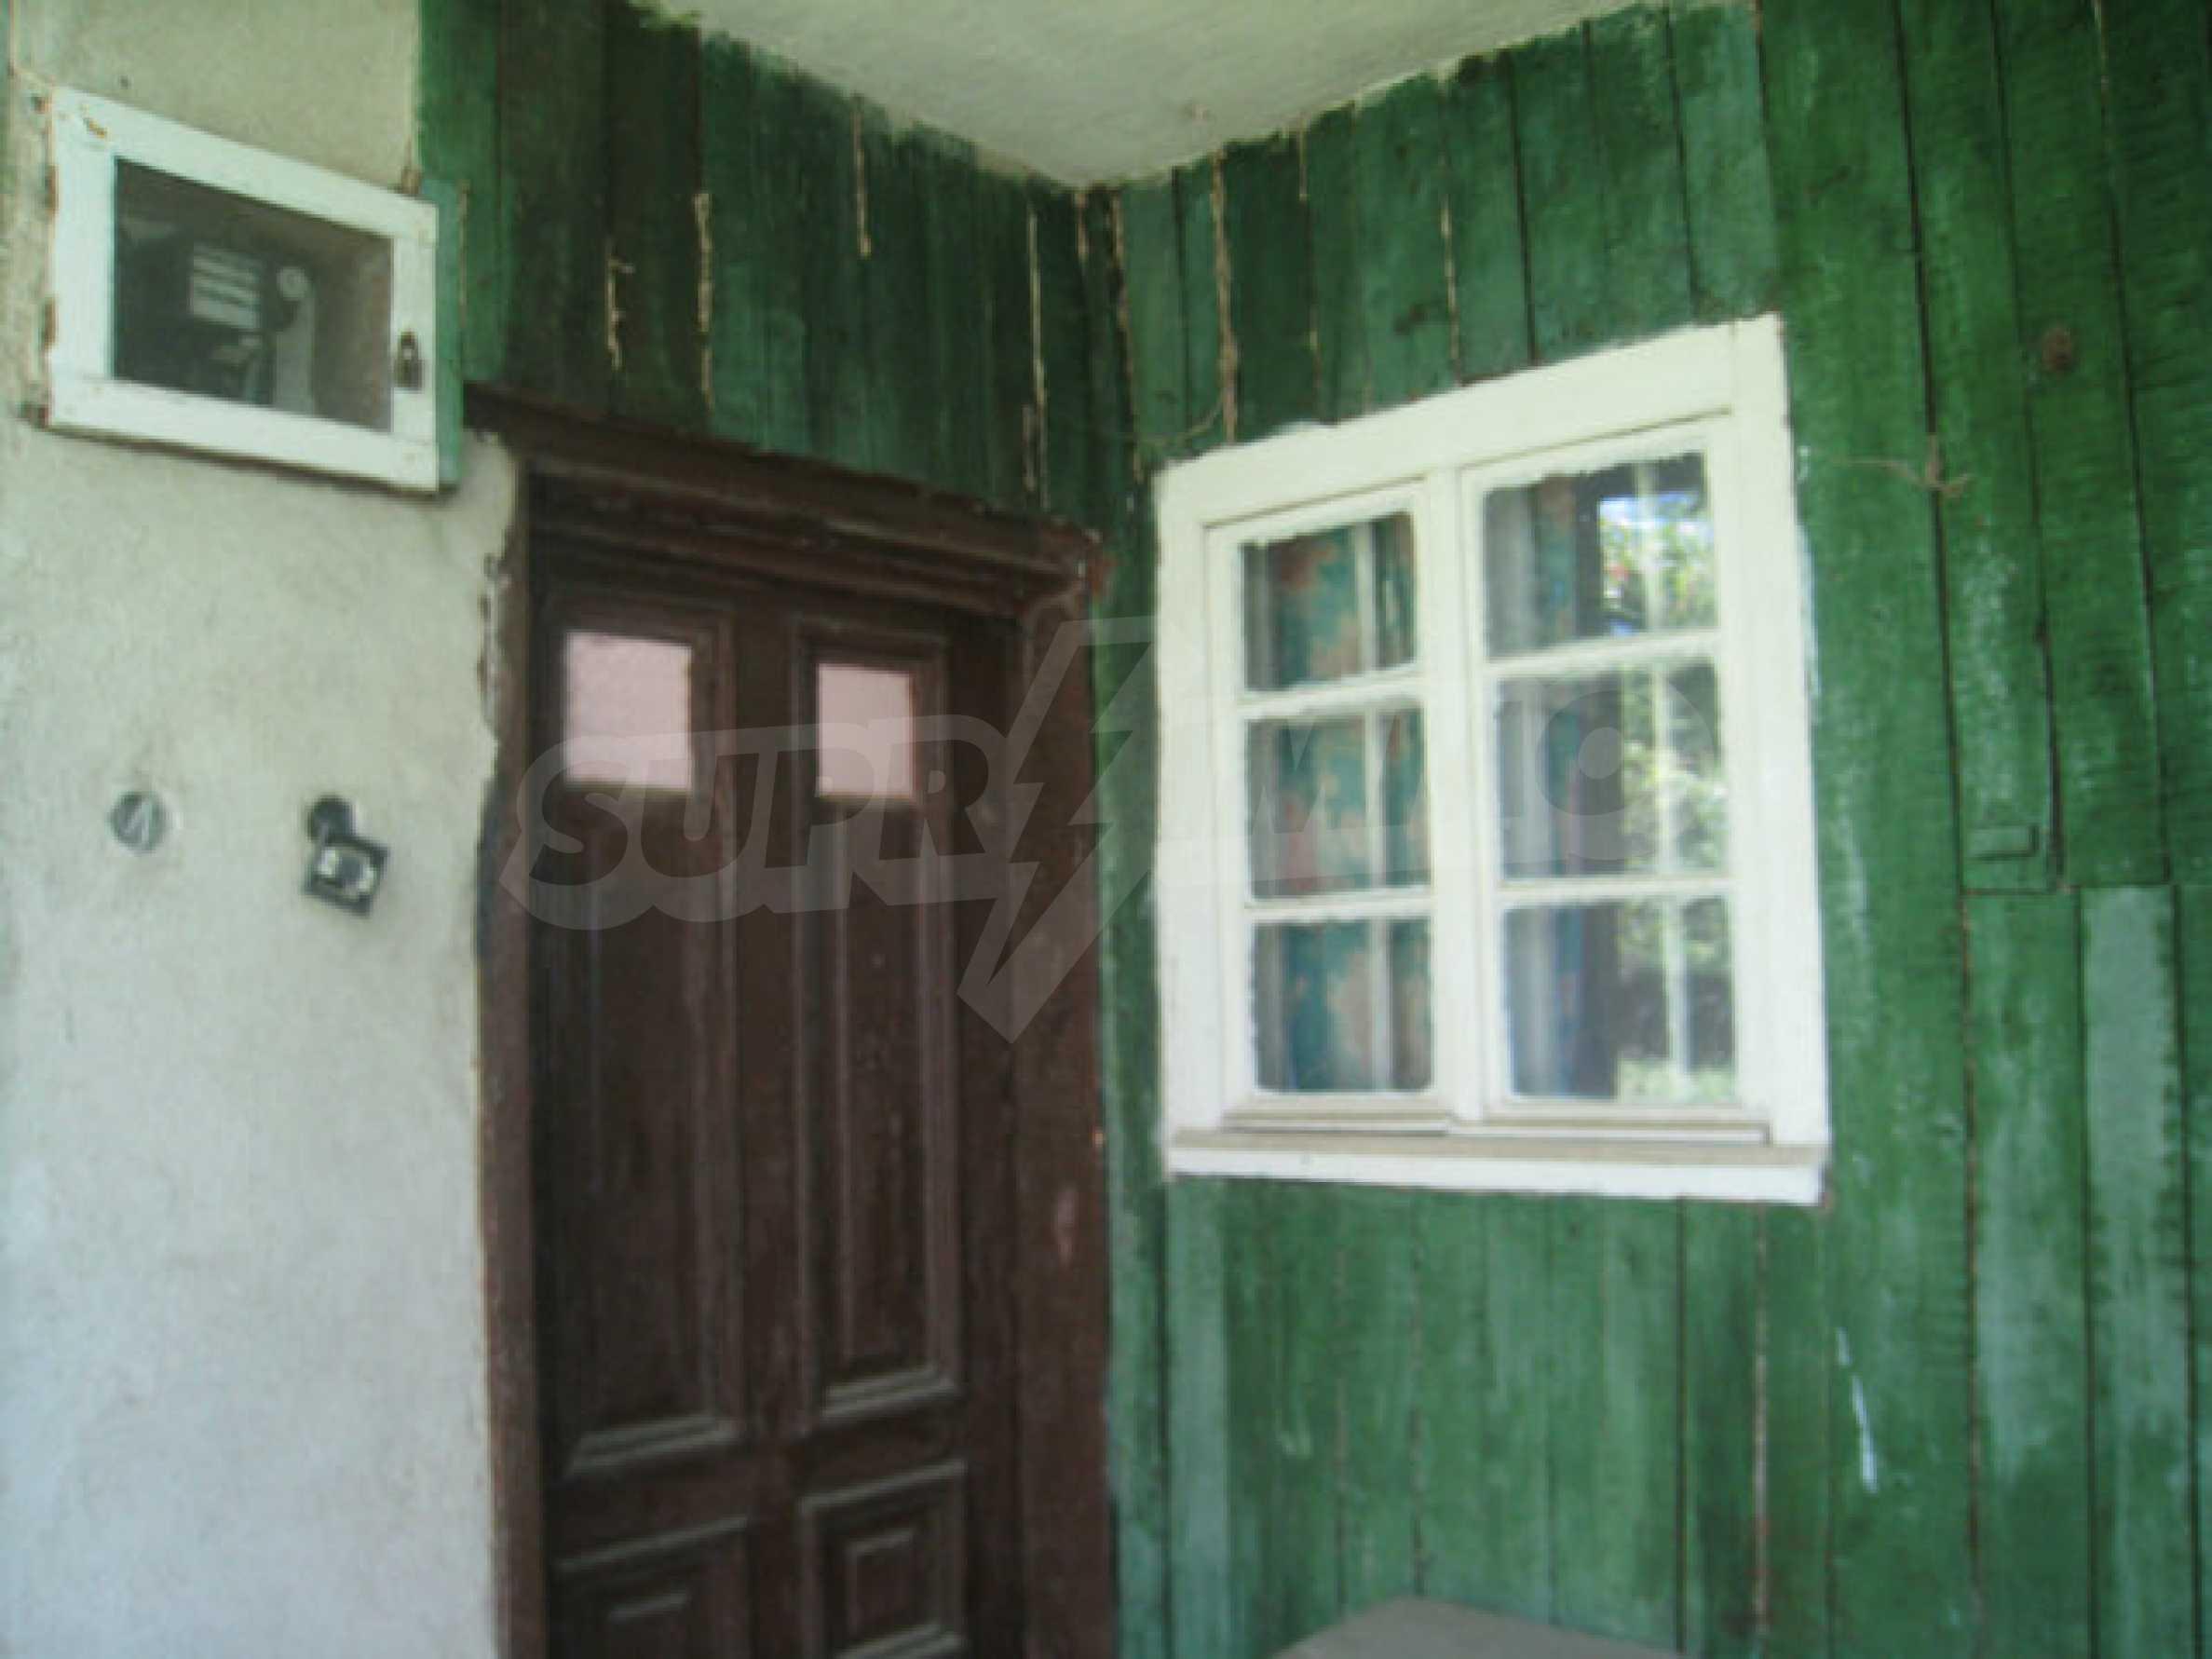 Grundstück zum Verkauf in der Villenzone von Svoge 13